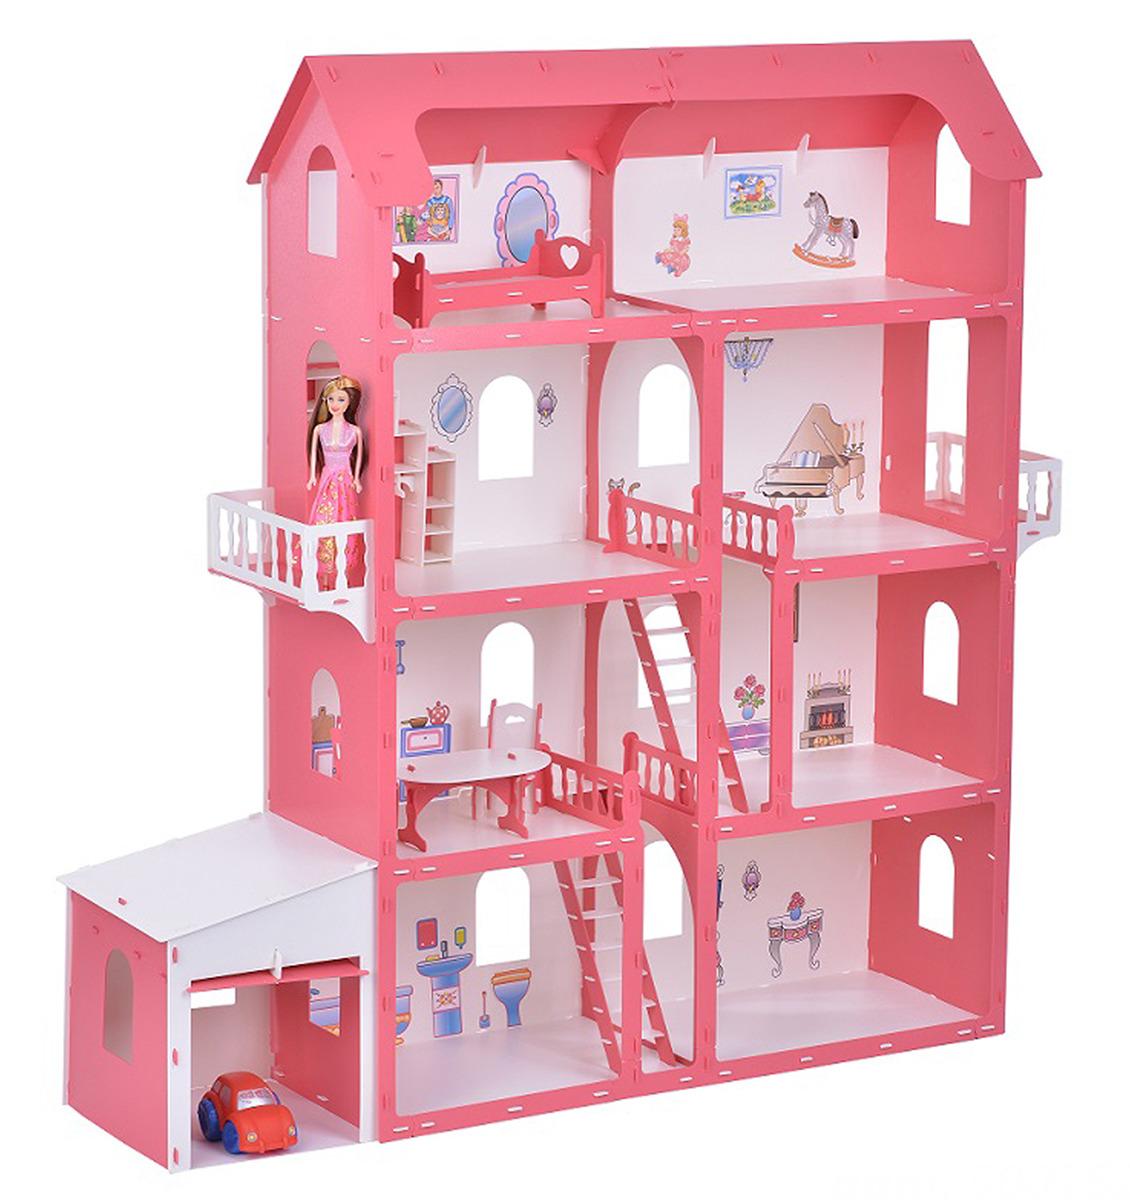 """Дом для кукол Krasatoys """"Коттедж Александра"""", 3494260, с мебелью"""